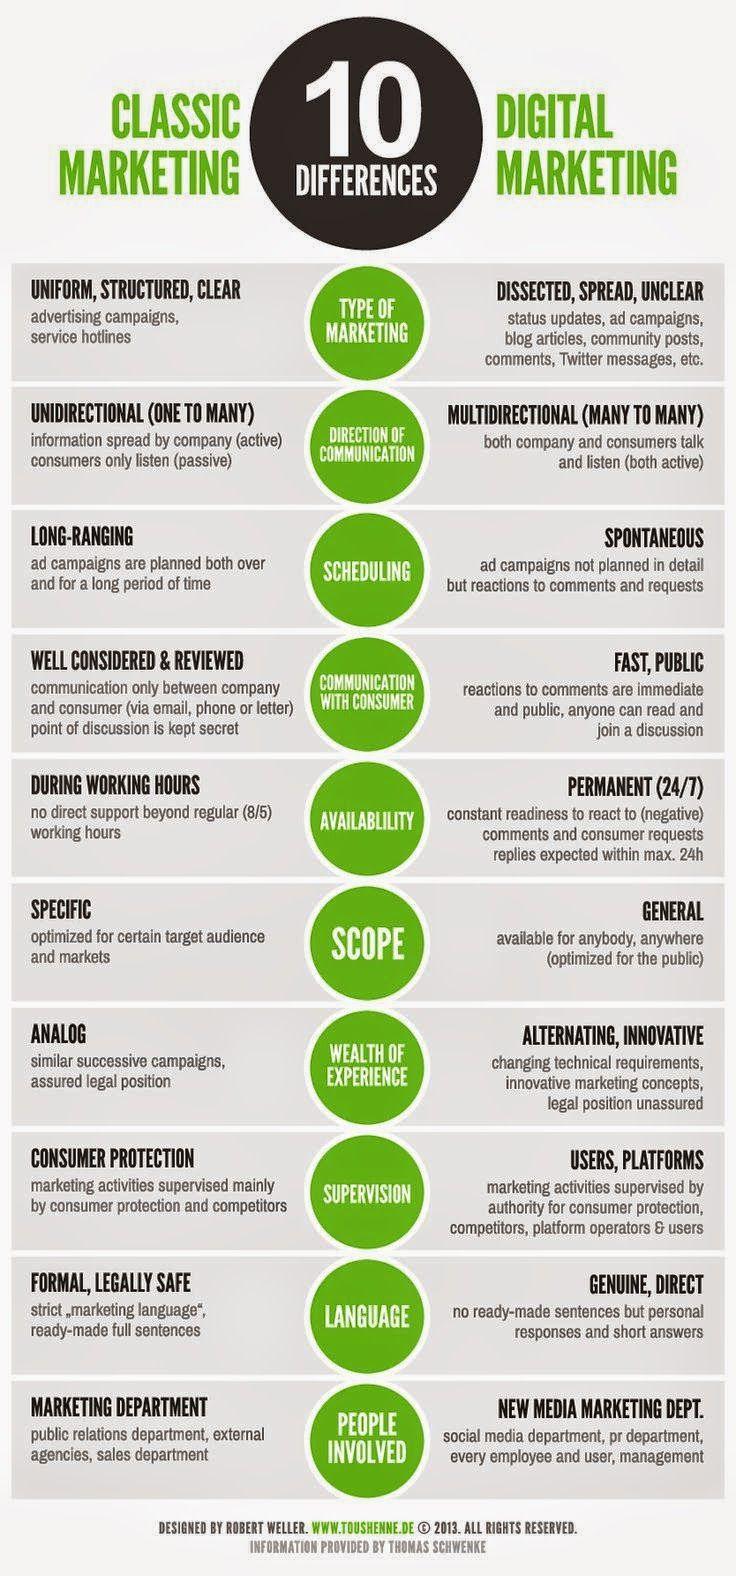 Come è cambiato il marketing? Dal marketing classico al marketing digitale del web e dei social media. In questa infografica i 10 punti chiave che li differenziano.